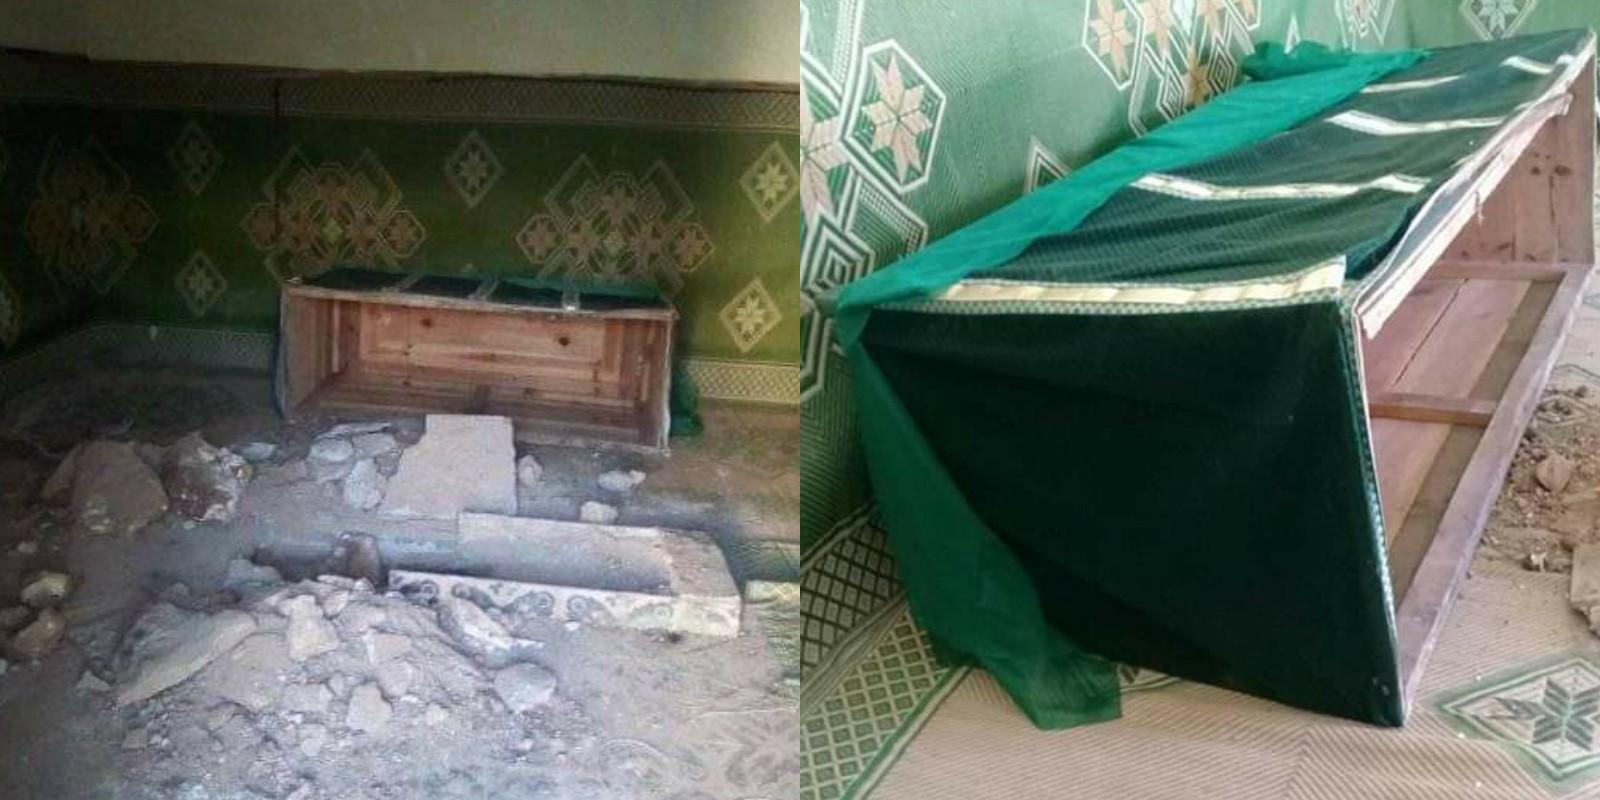 بحثاً عن الكنوز مجهولون ينبشون قبر ولي صالح بنواحي سطات